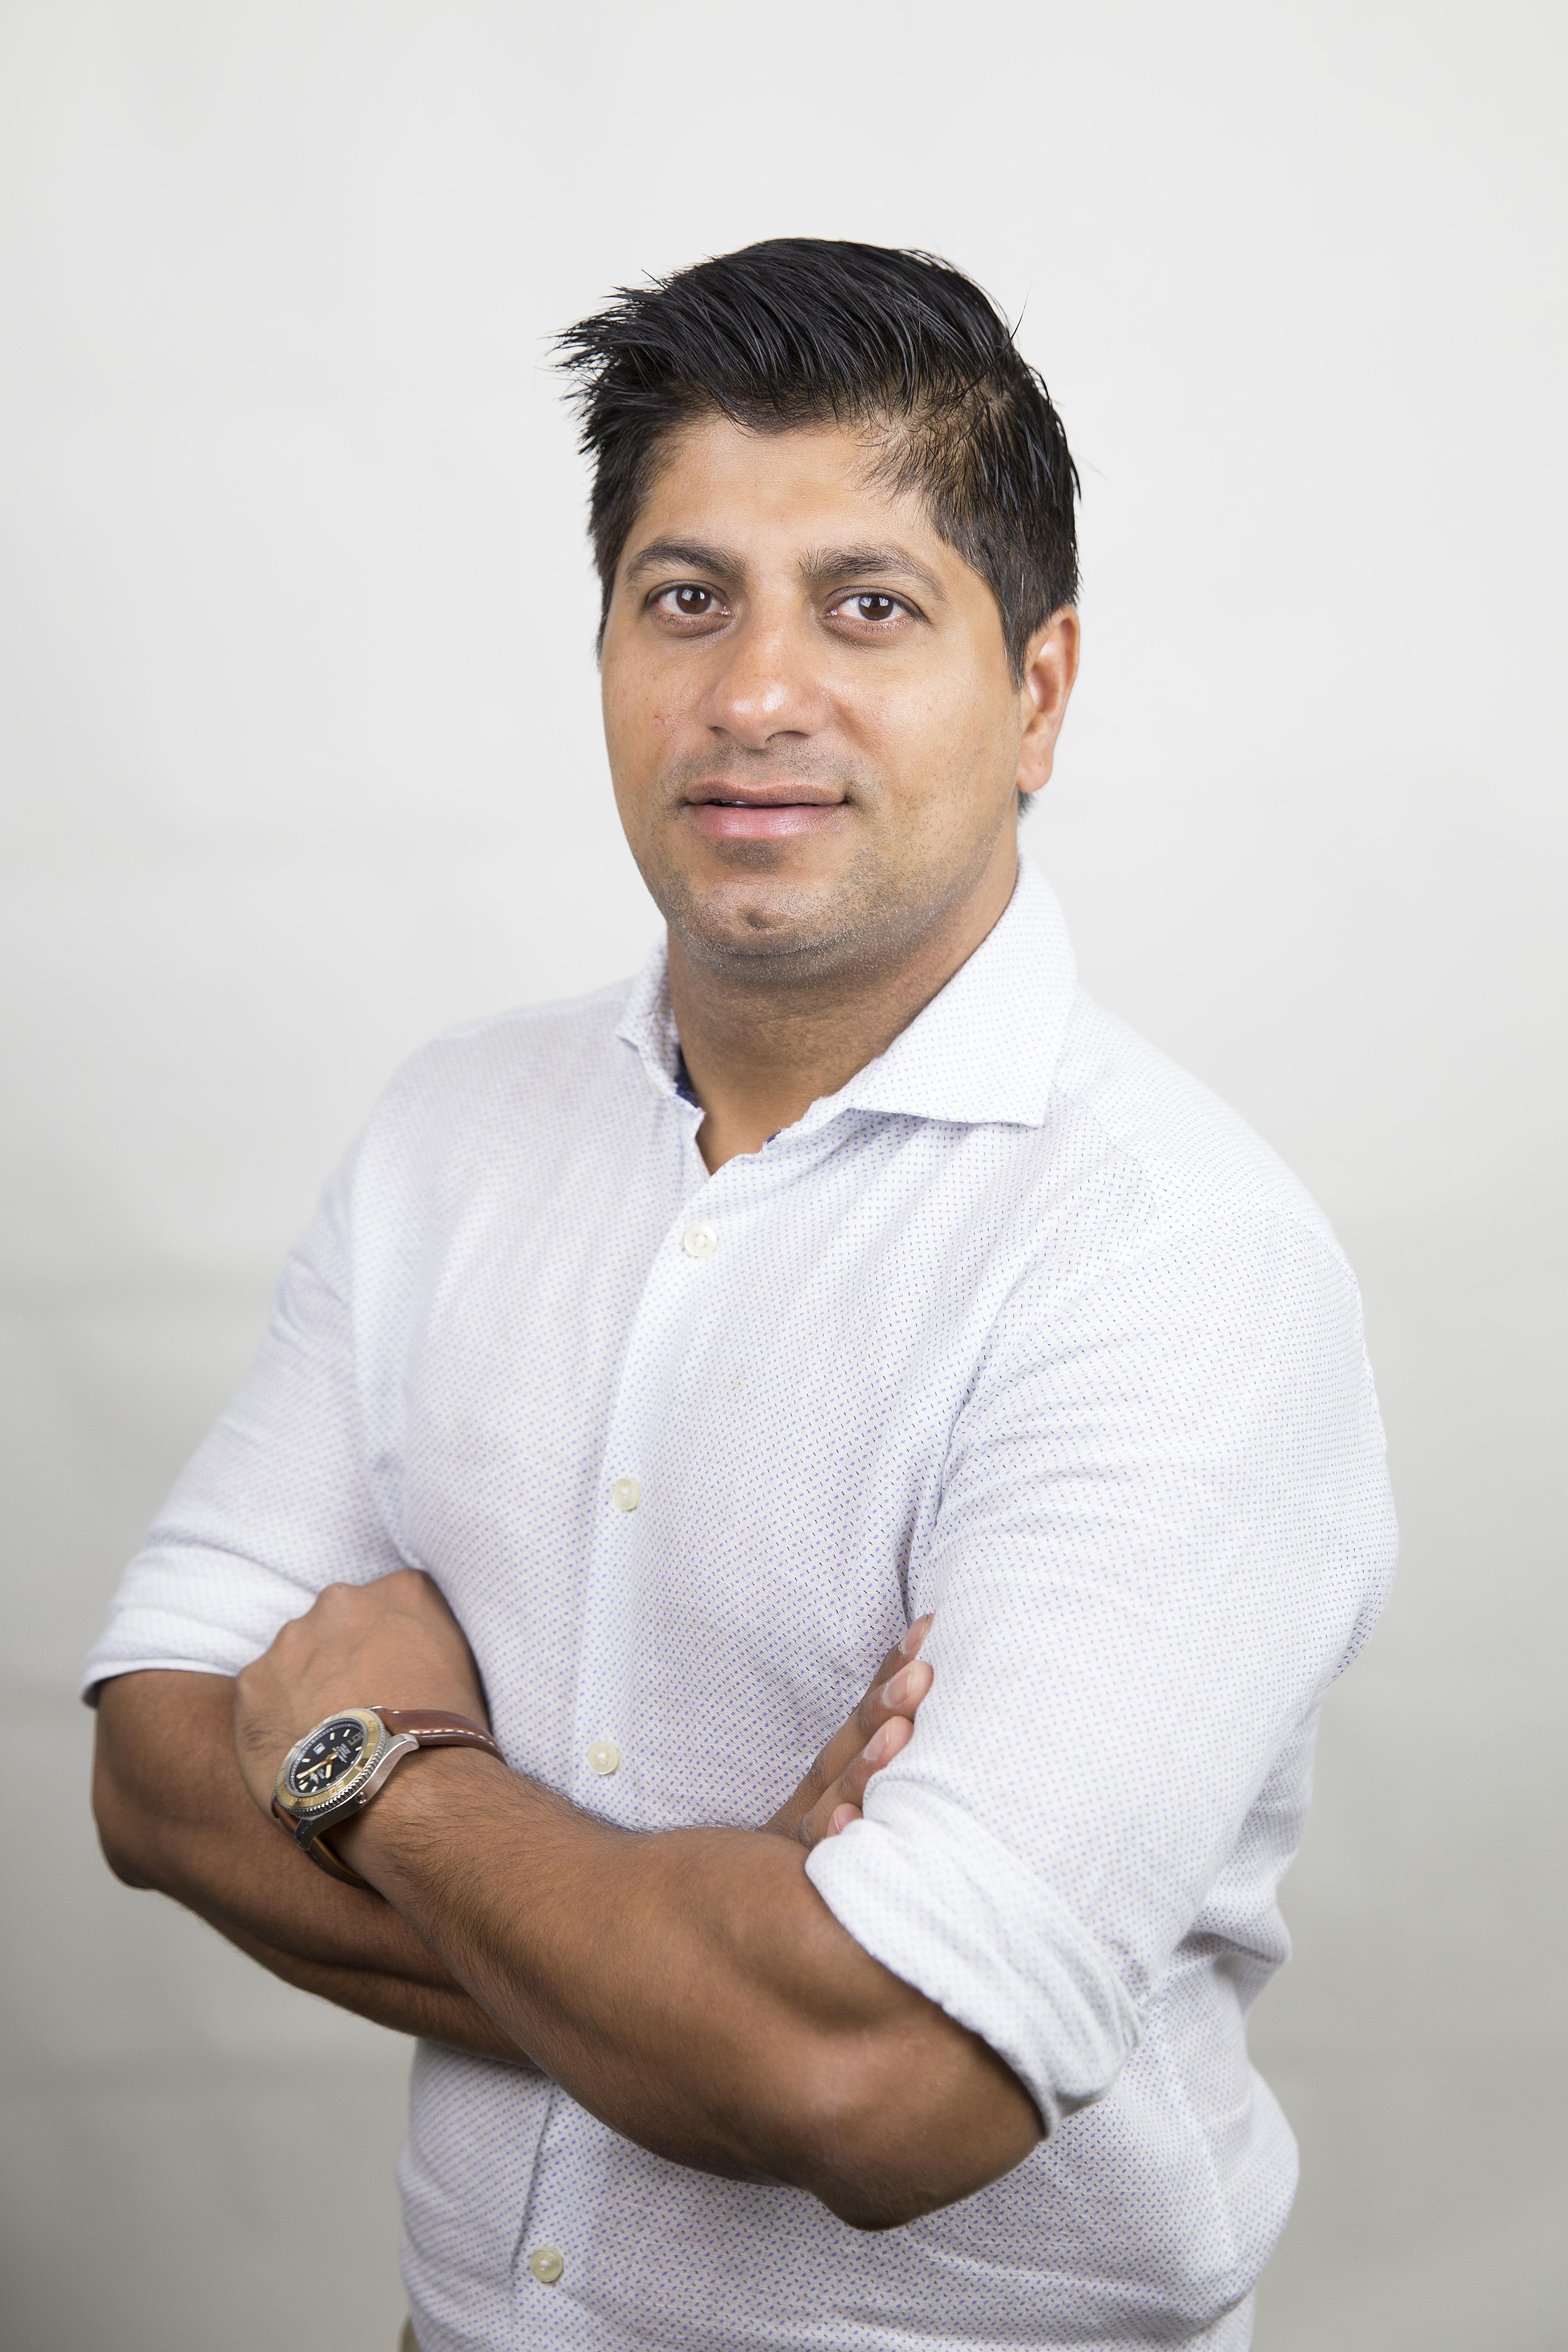 Vijay Narula